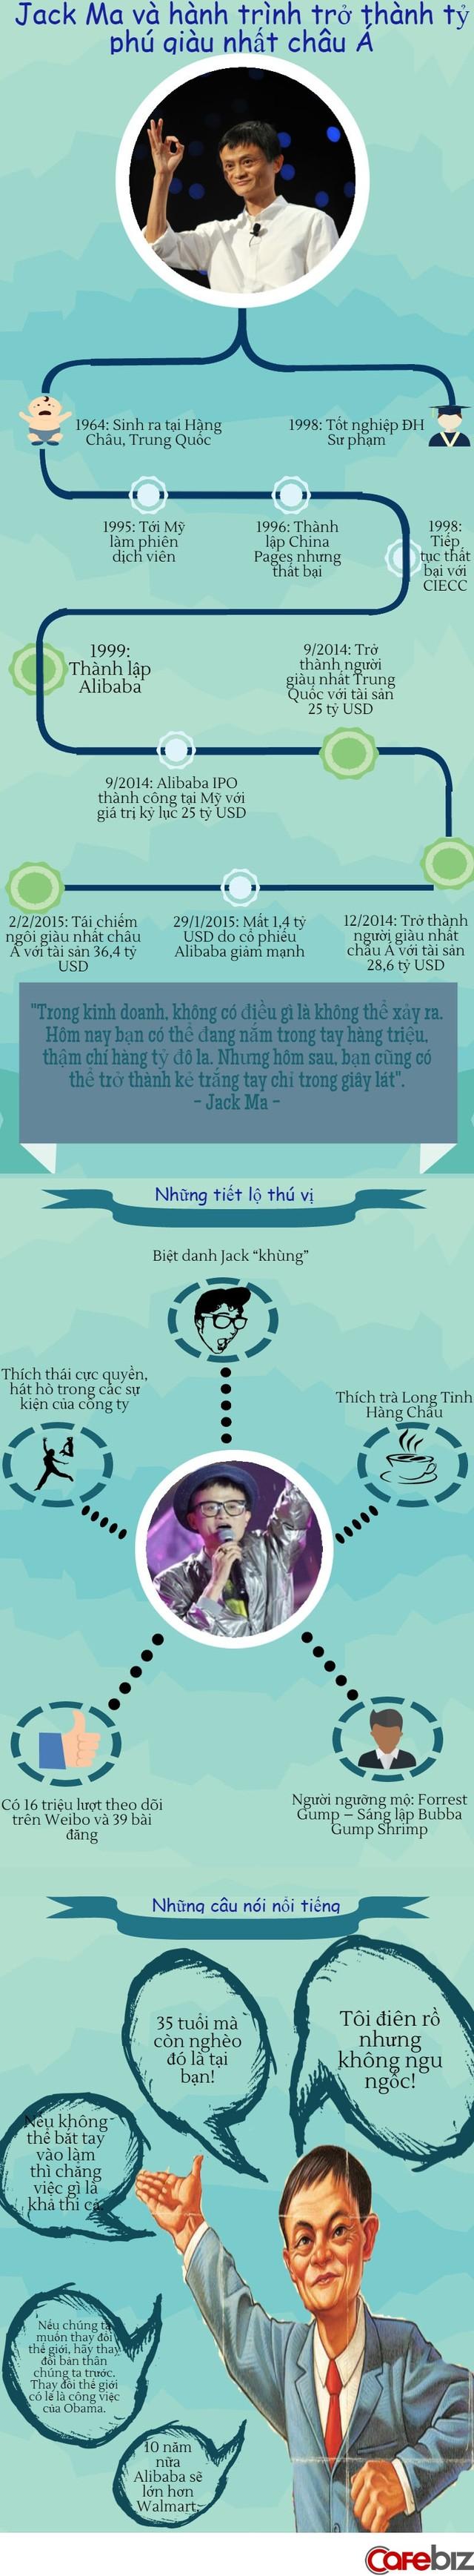 Infographic Tất Tần Tật Về Jack Ma Tỷ Phu Khiến Cả Thế Giới Ngưỡng Mộ